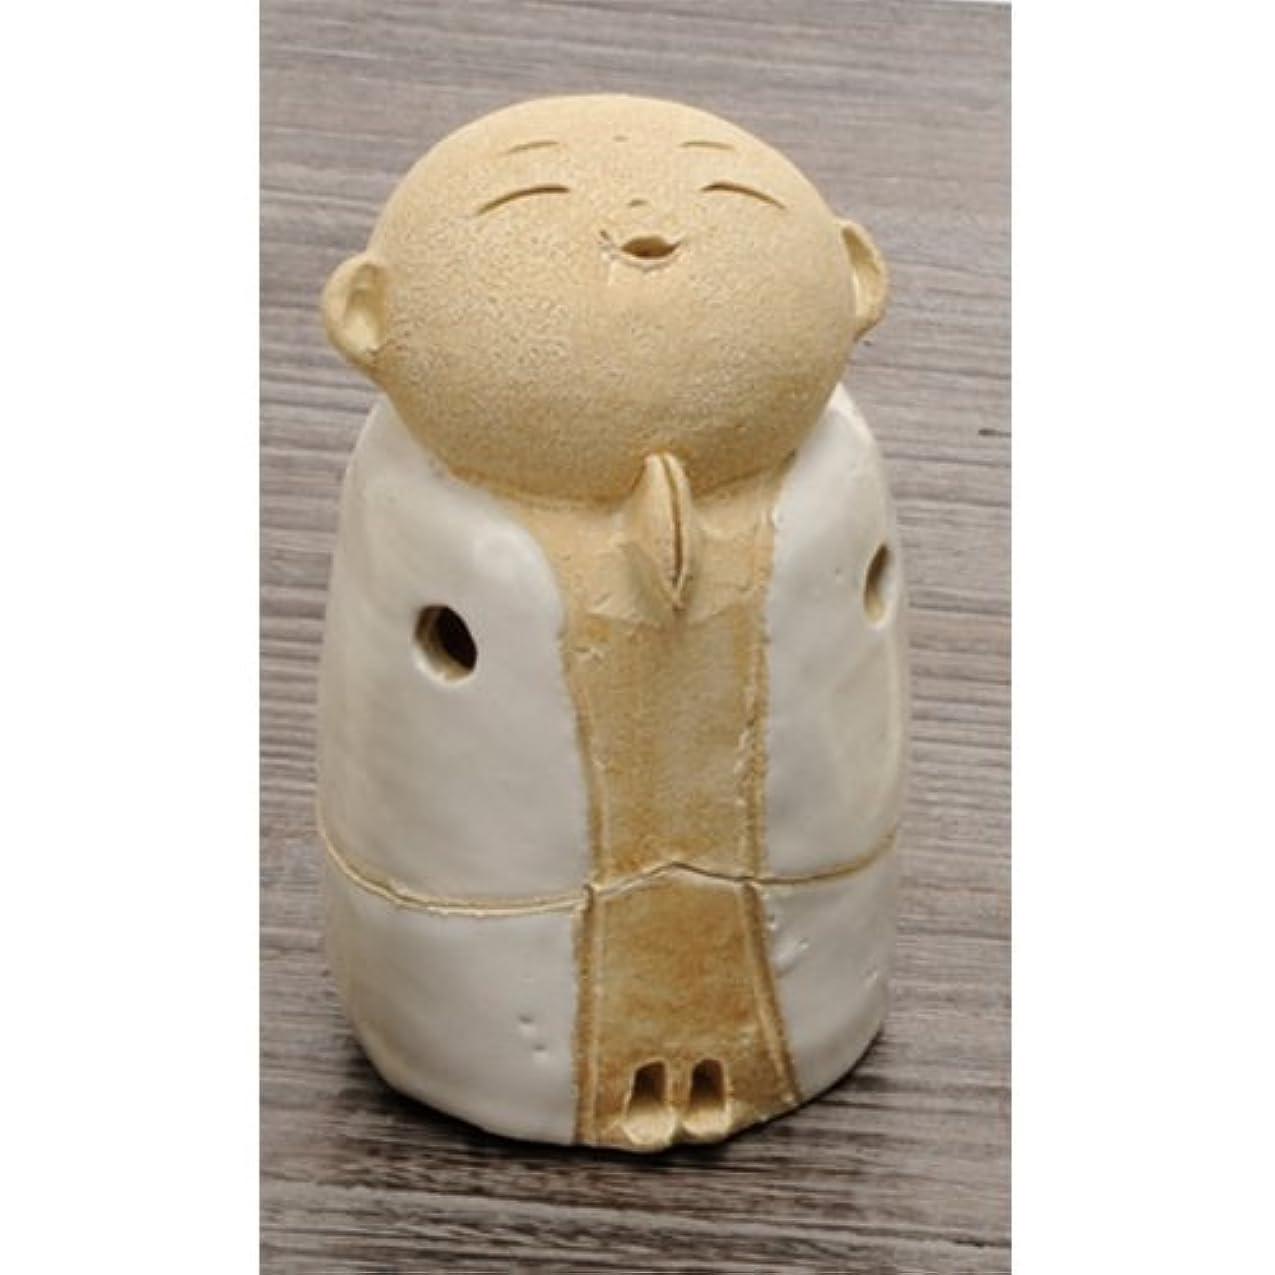 油厚さ懐お地蔵様 香炉シリーズ 白 お地蔵様 香炉 3.5寸(小) [H10cm] HANDMADE プレゼント ギフト 和食器 かわいい インテリア